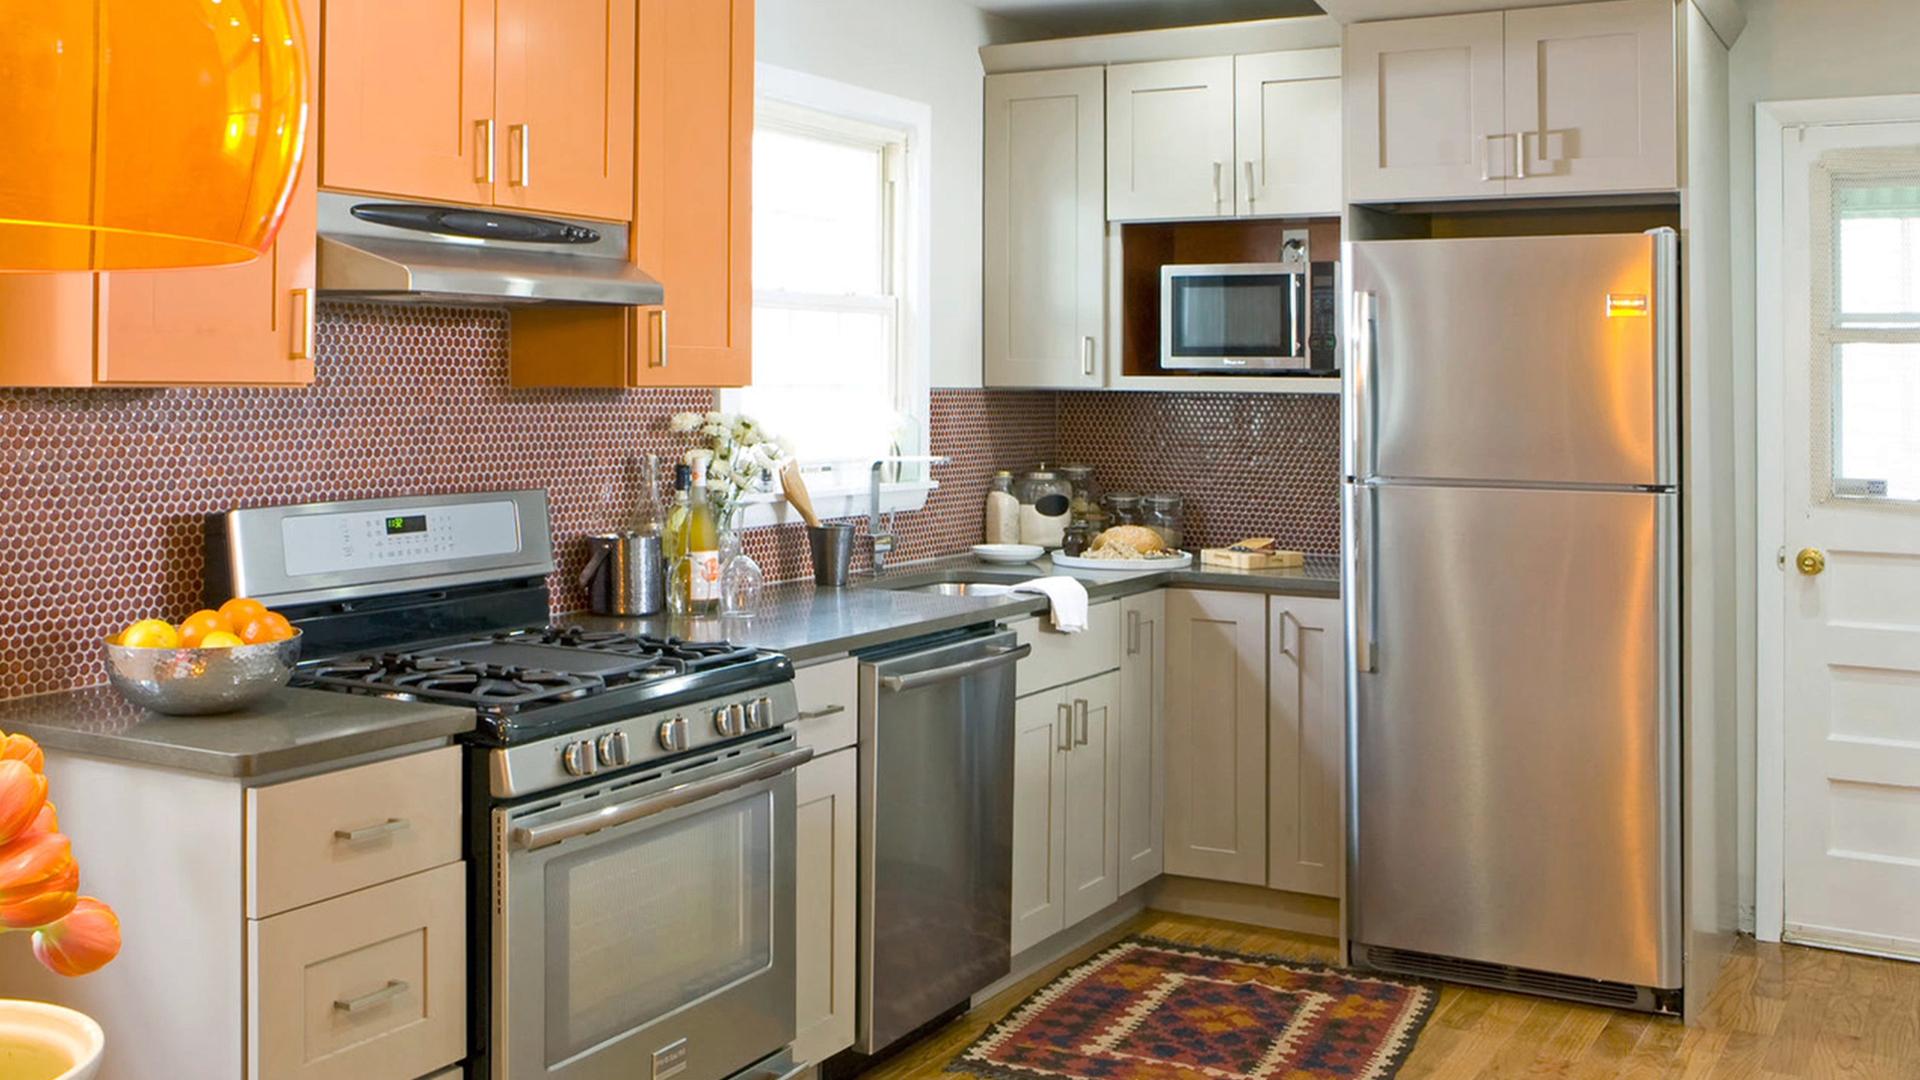 kitchen ideas yellow and elegant